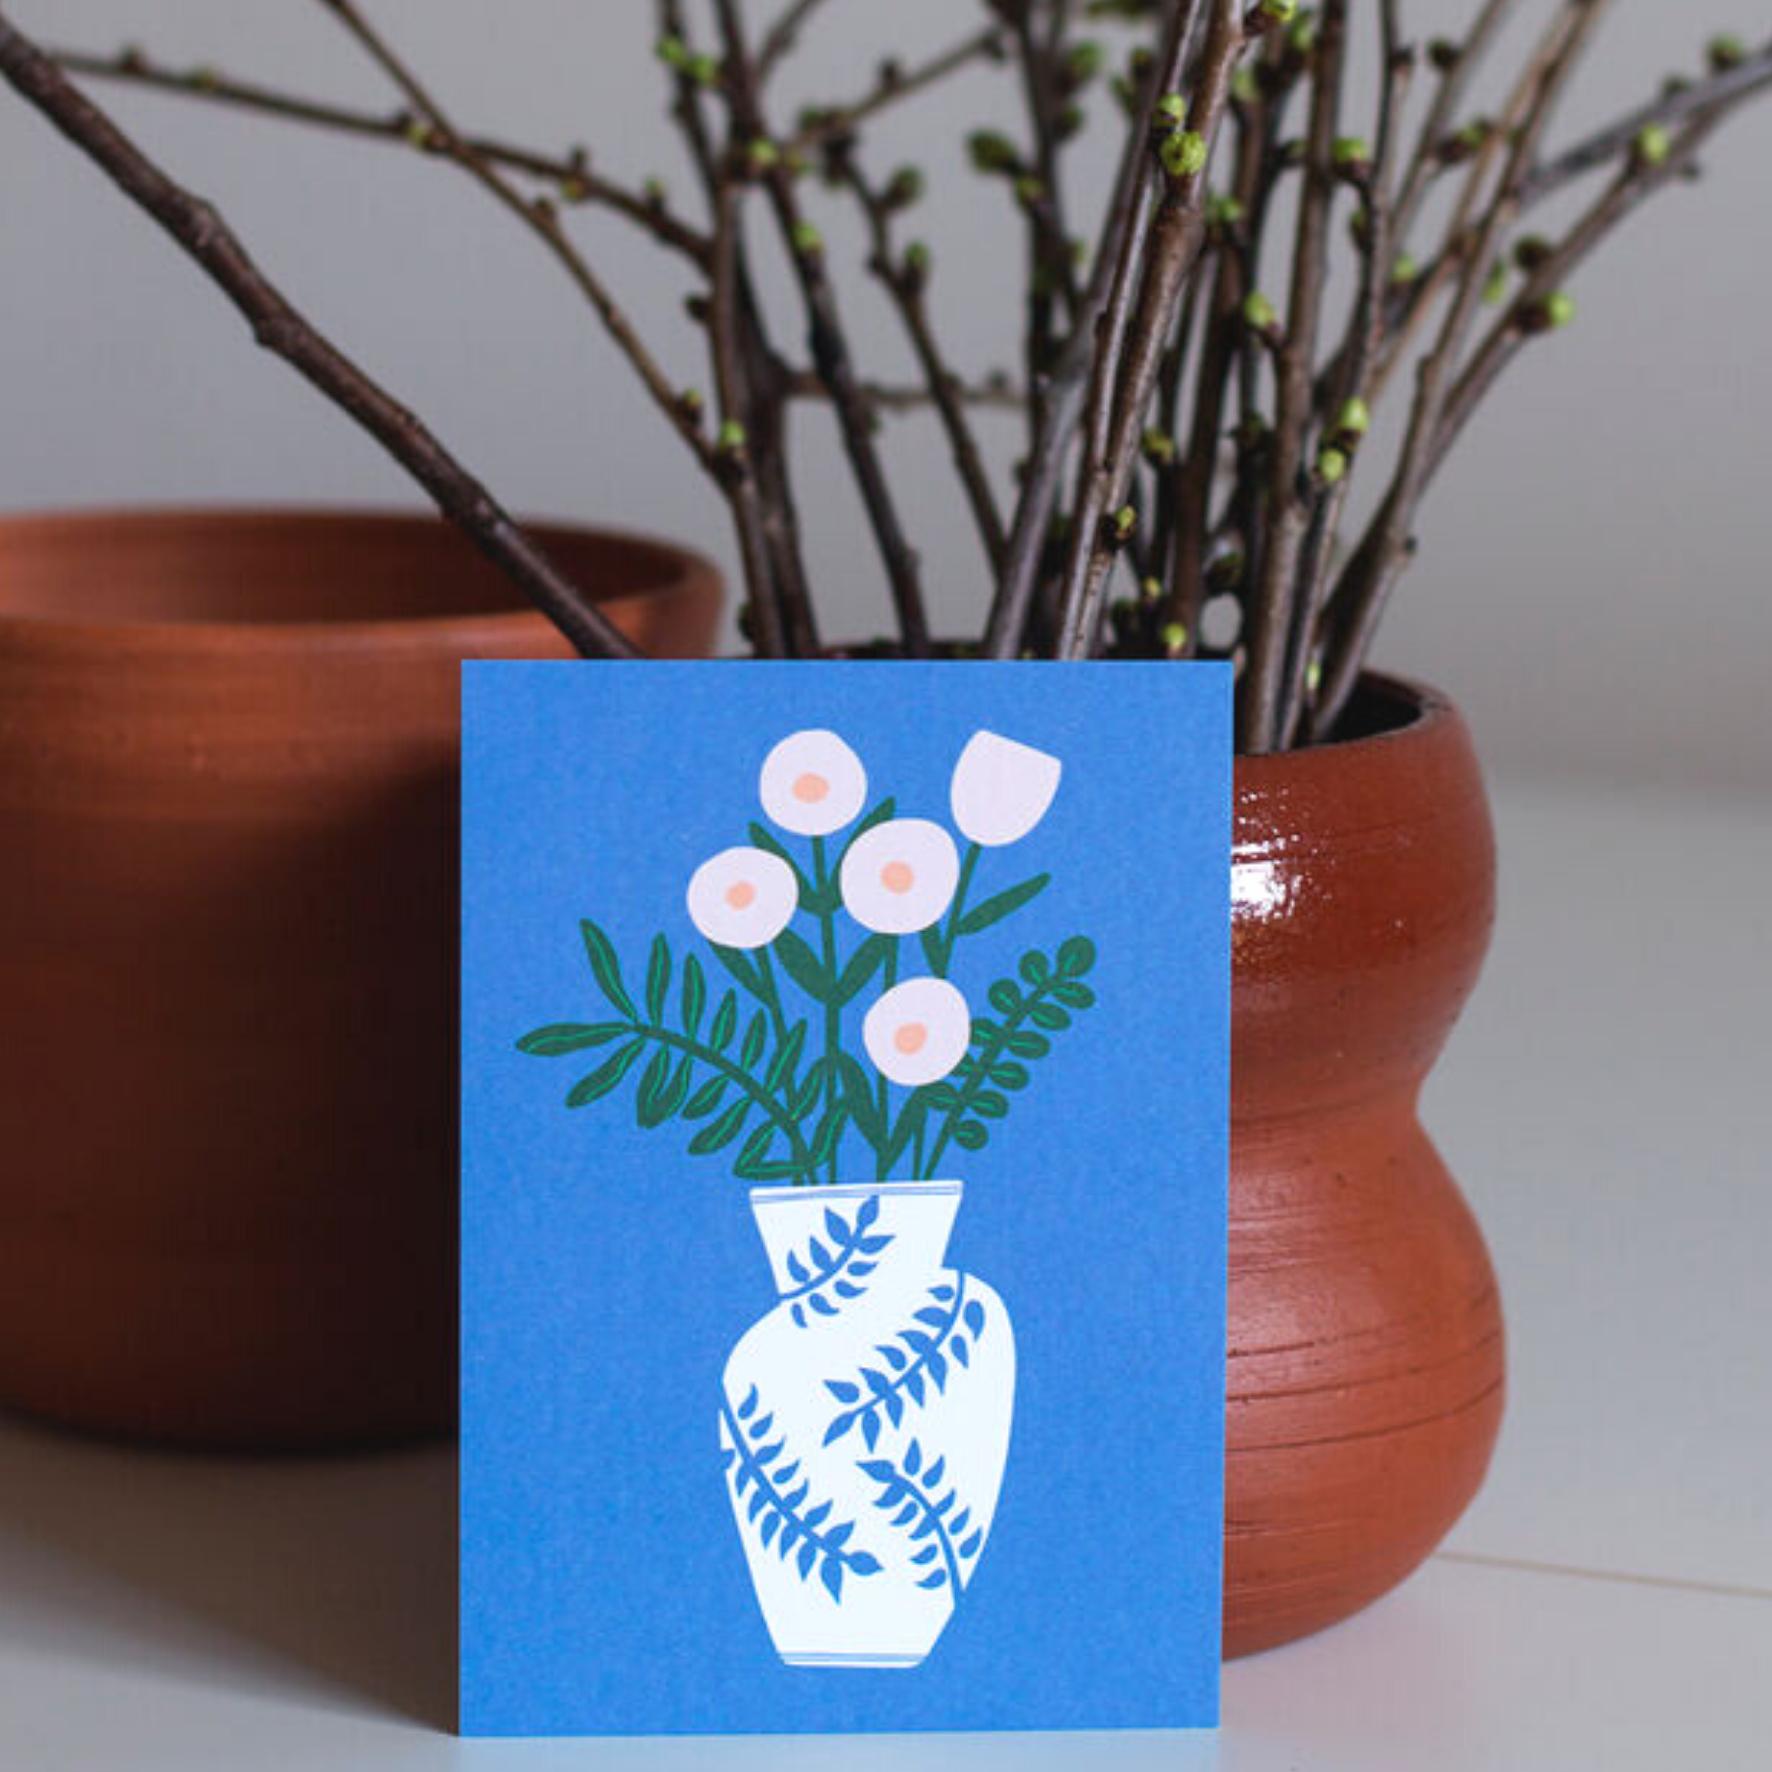 Kukkamaljakko postikortti - Kuviokioski